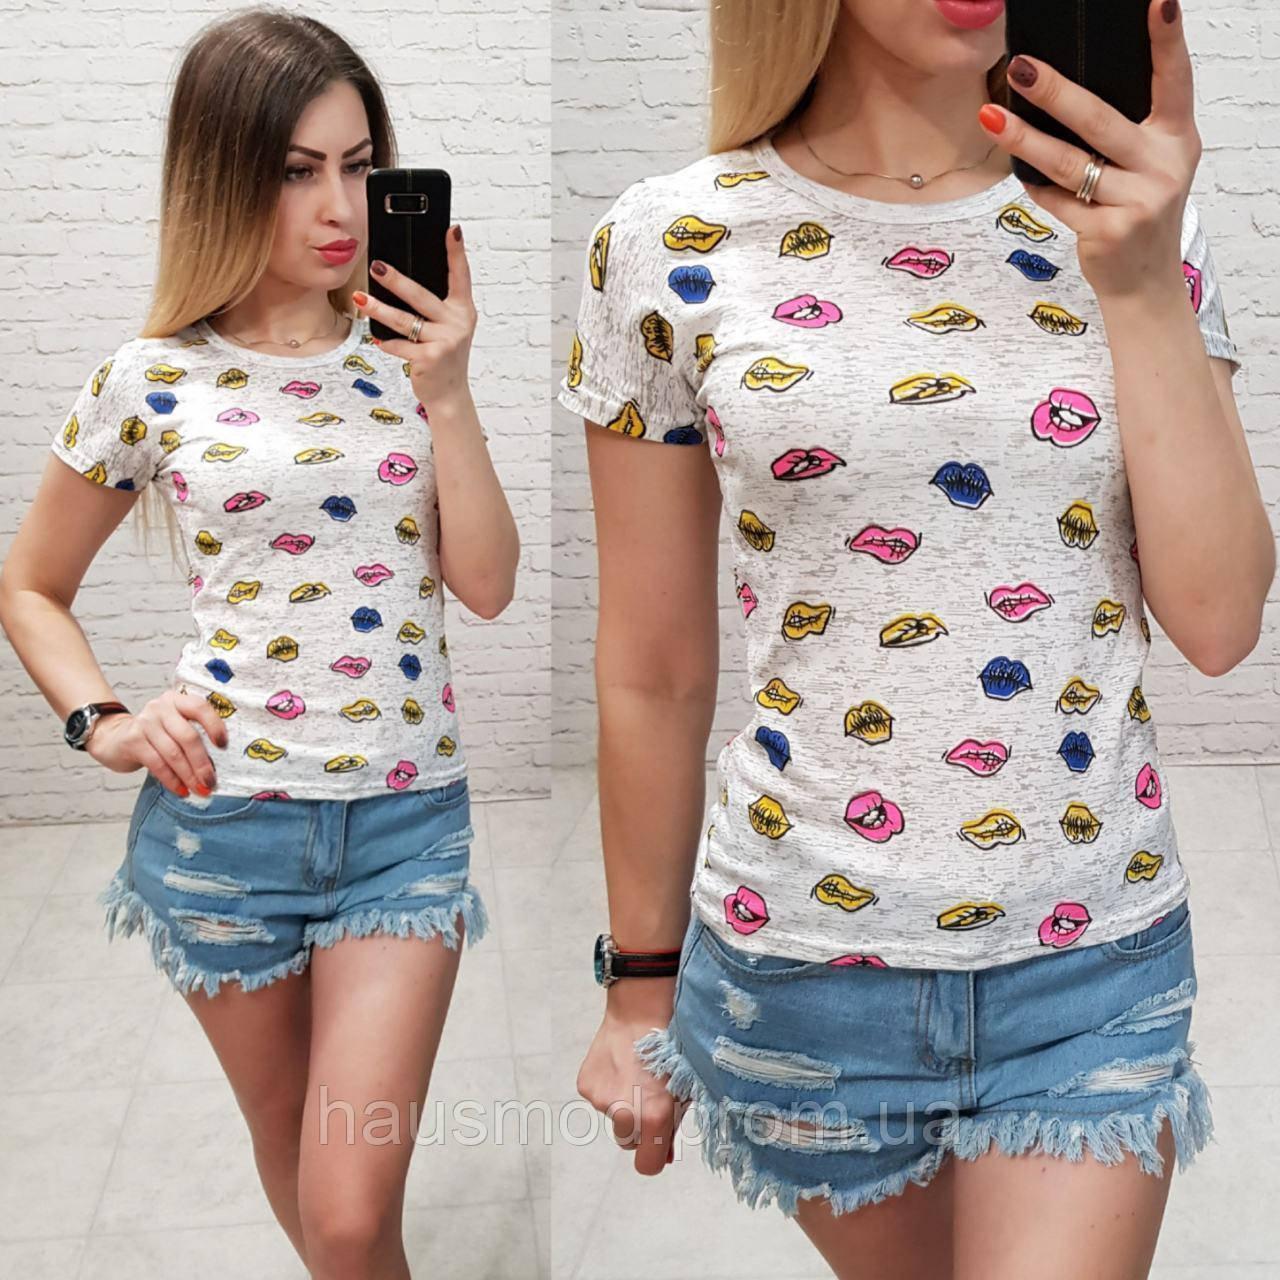 Женская футболка летняя Oversize one size качество турция размер универсал сублимация губы цвет серый